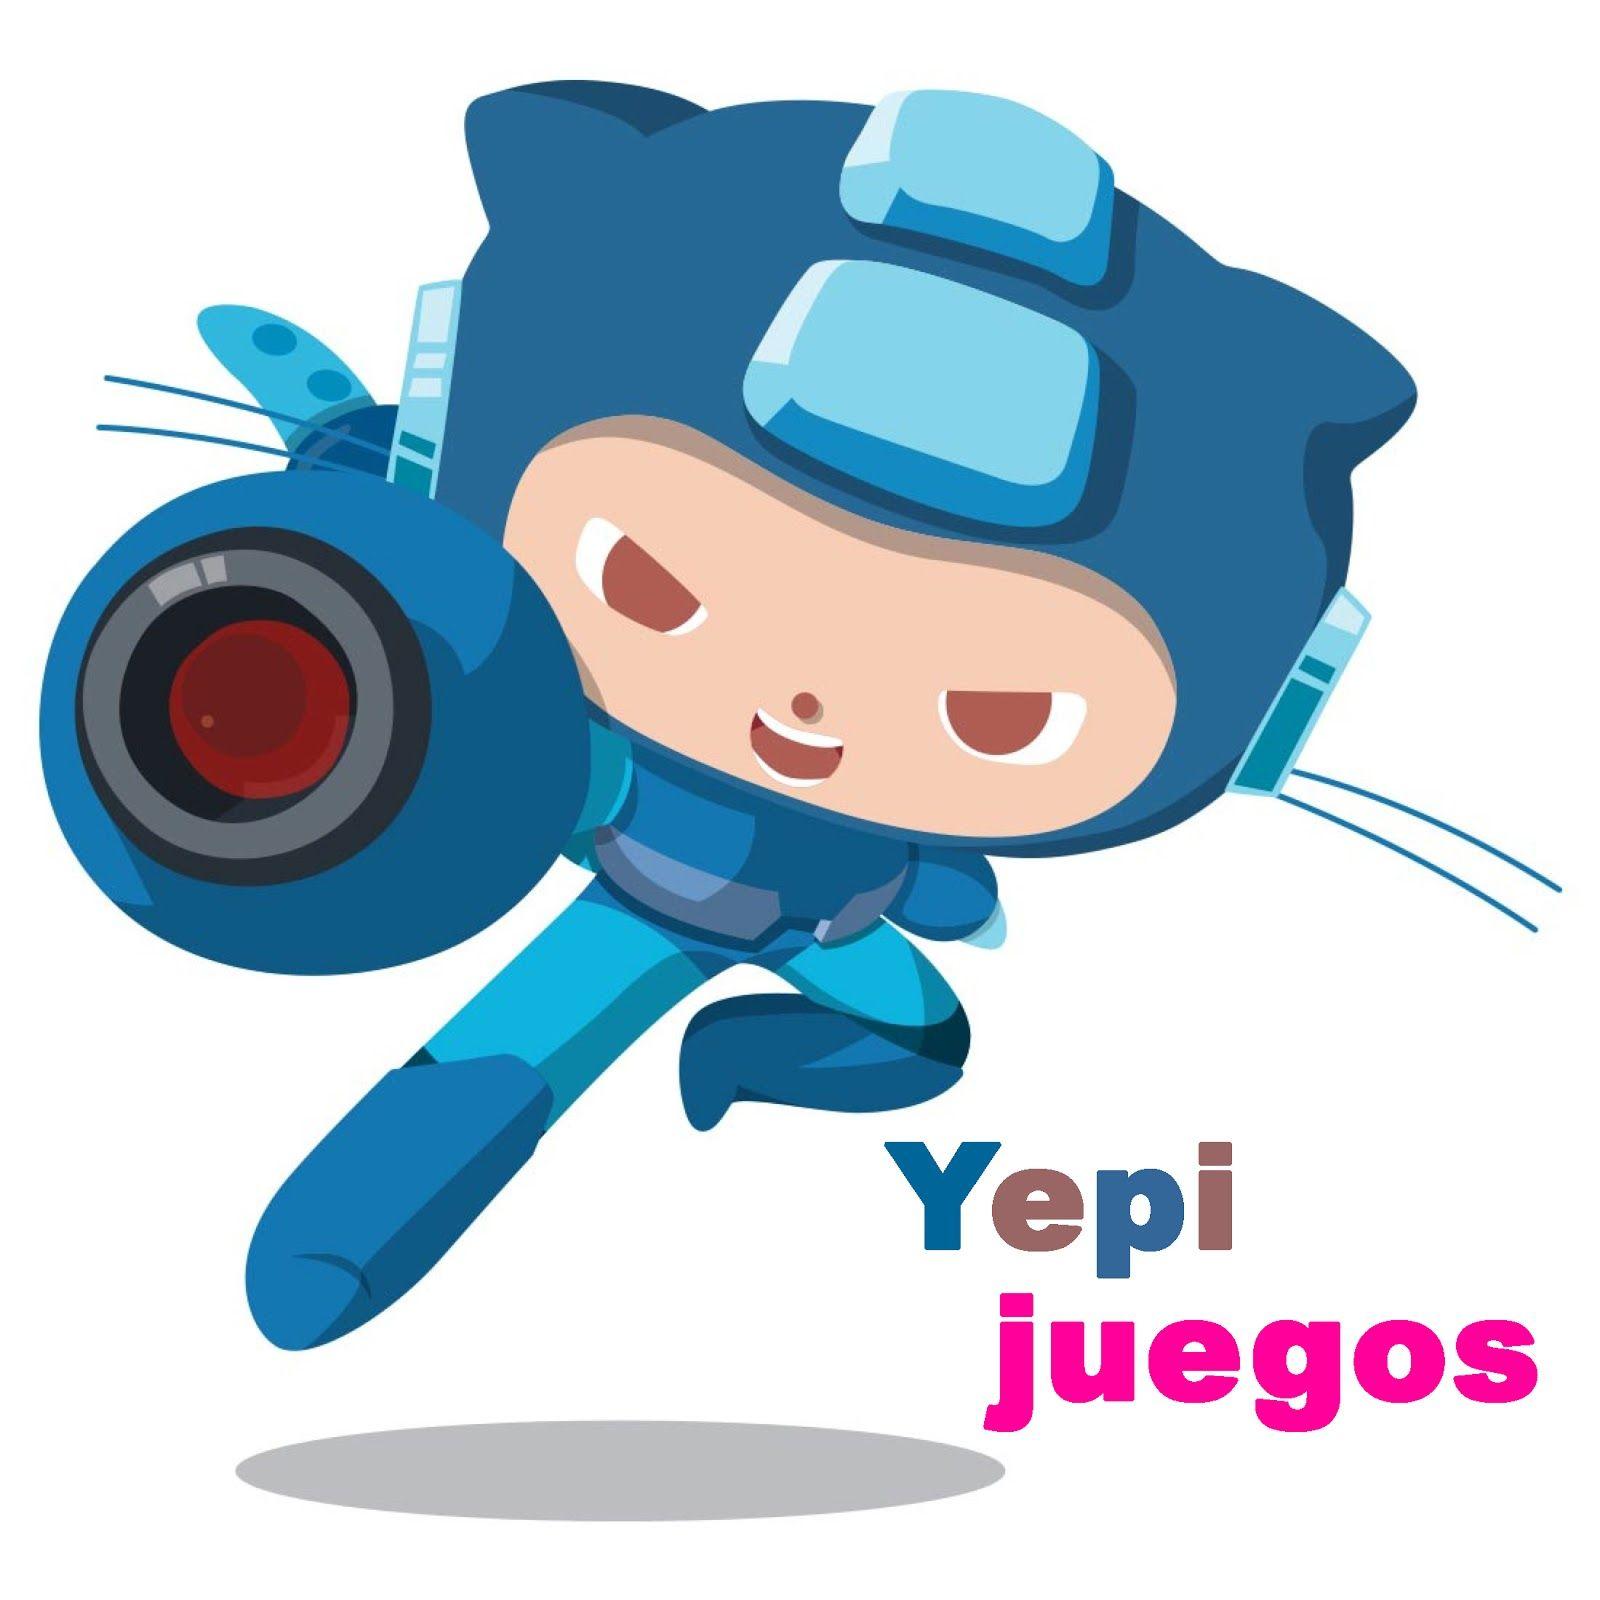 Games Friv Juegos Jogos Juegos Online Play Games Friv Hot Friv 2